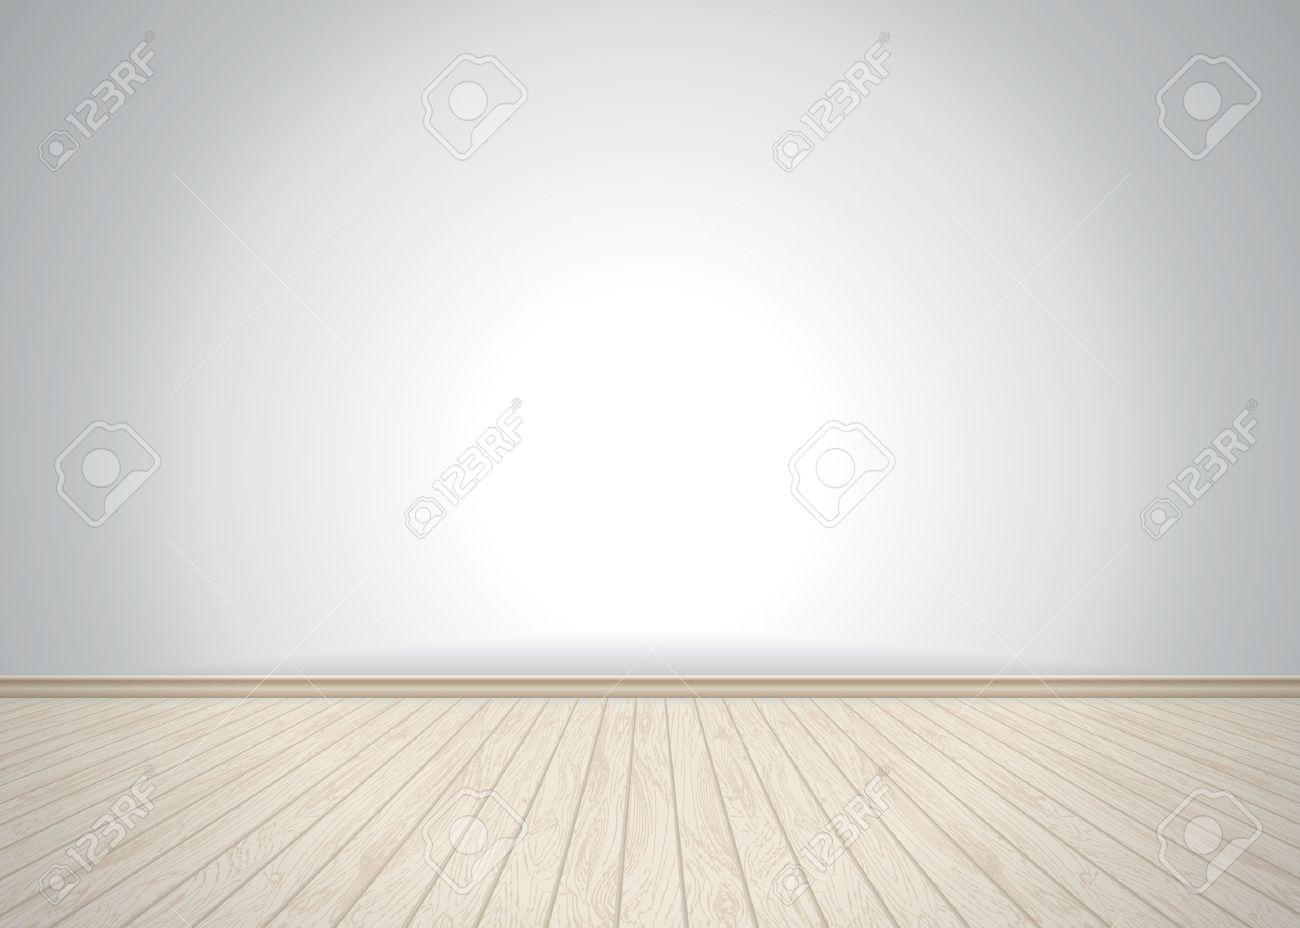 Empty room with wooden floor, vector illustration - 46002104